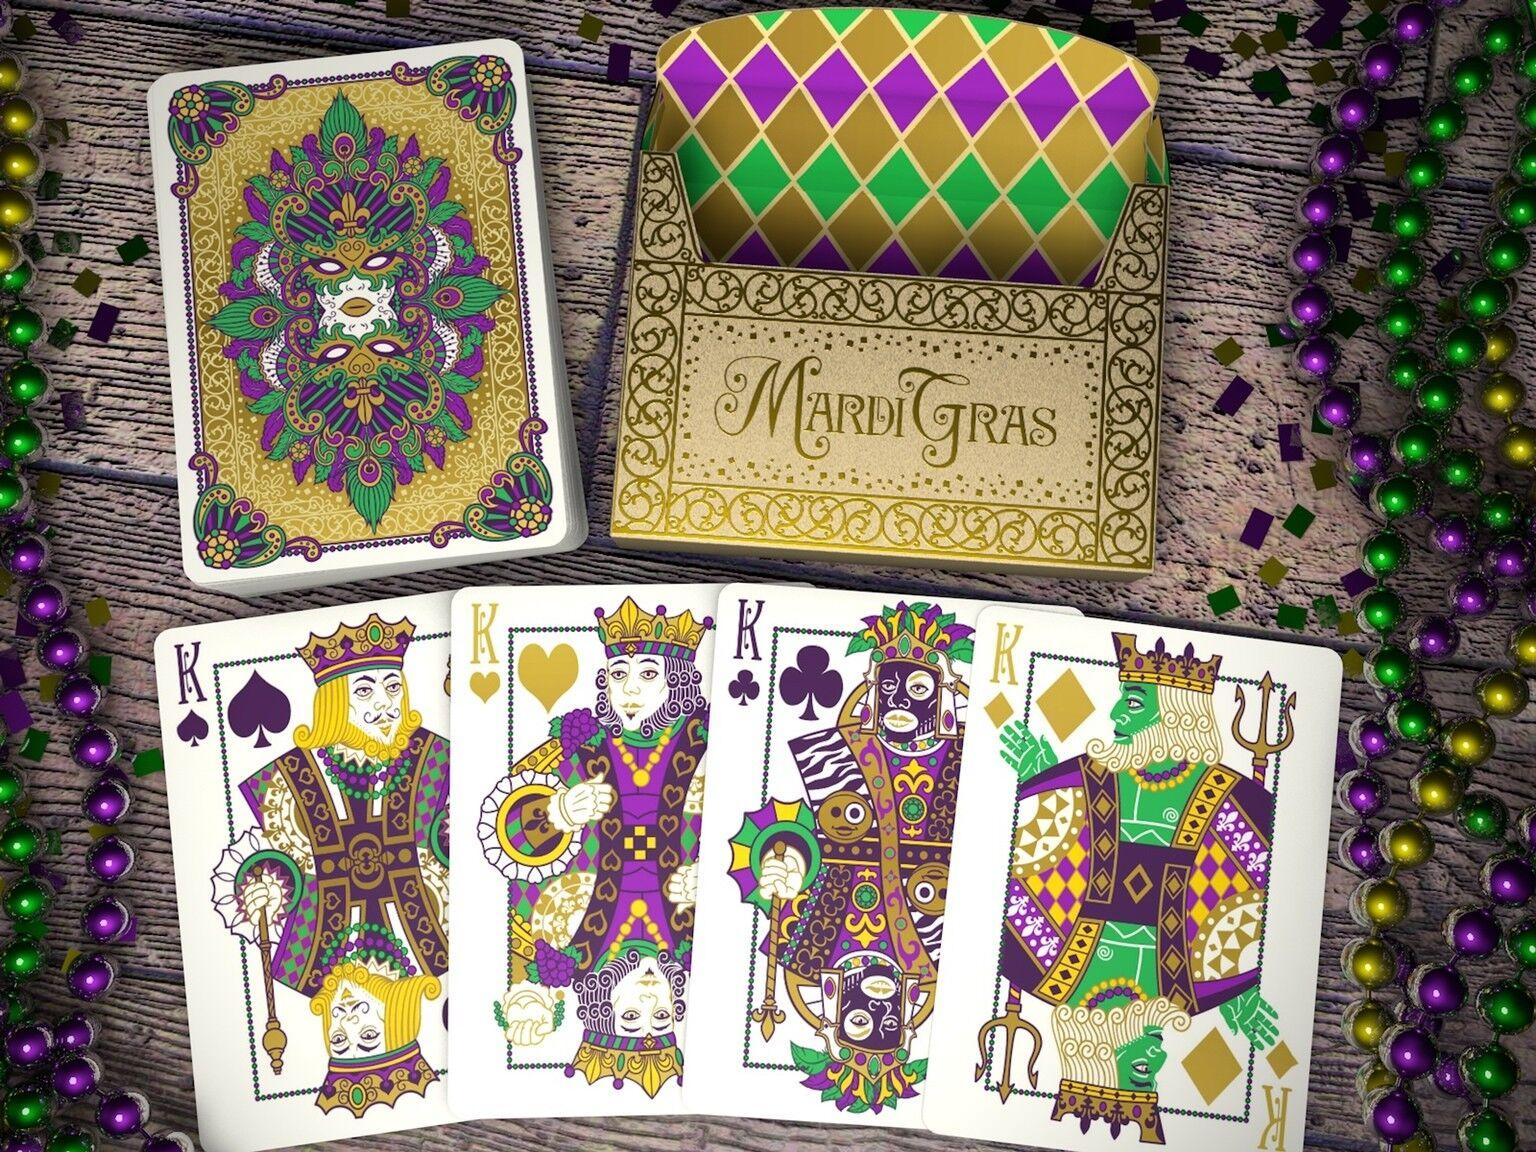 CARTE DA GIOCO MARDI GRAS poker size by epcc